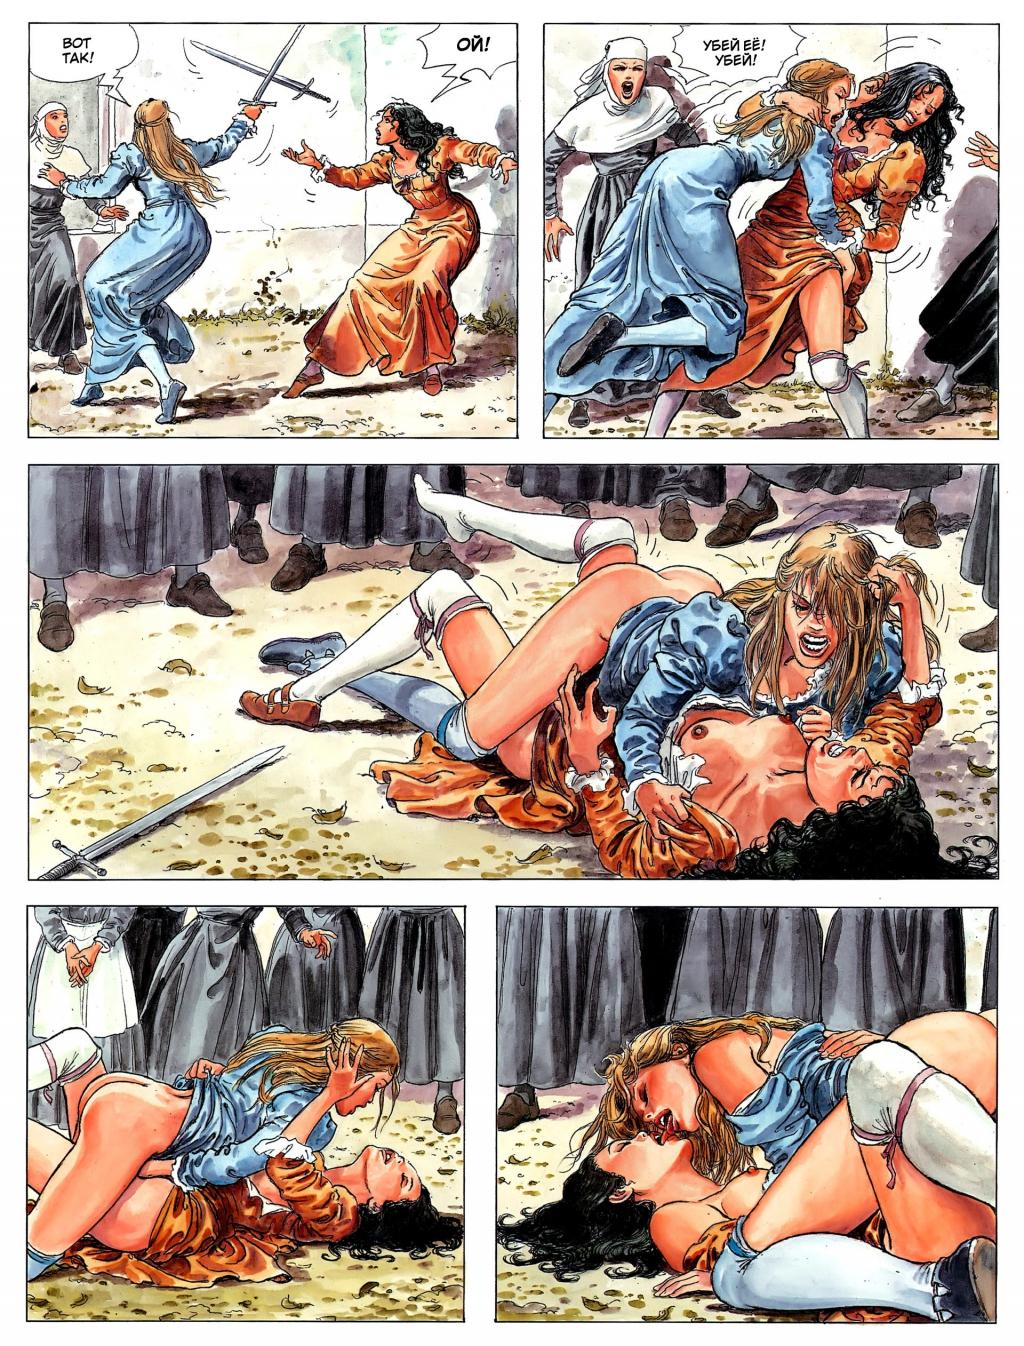 Читать комиксы для взрослых 13 фотография